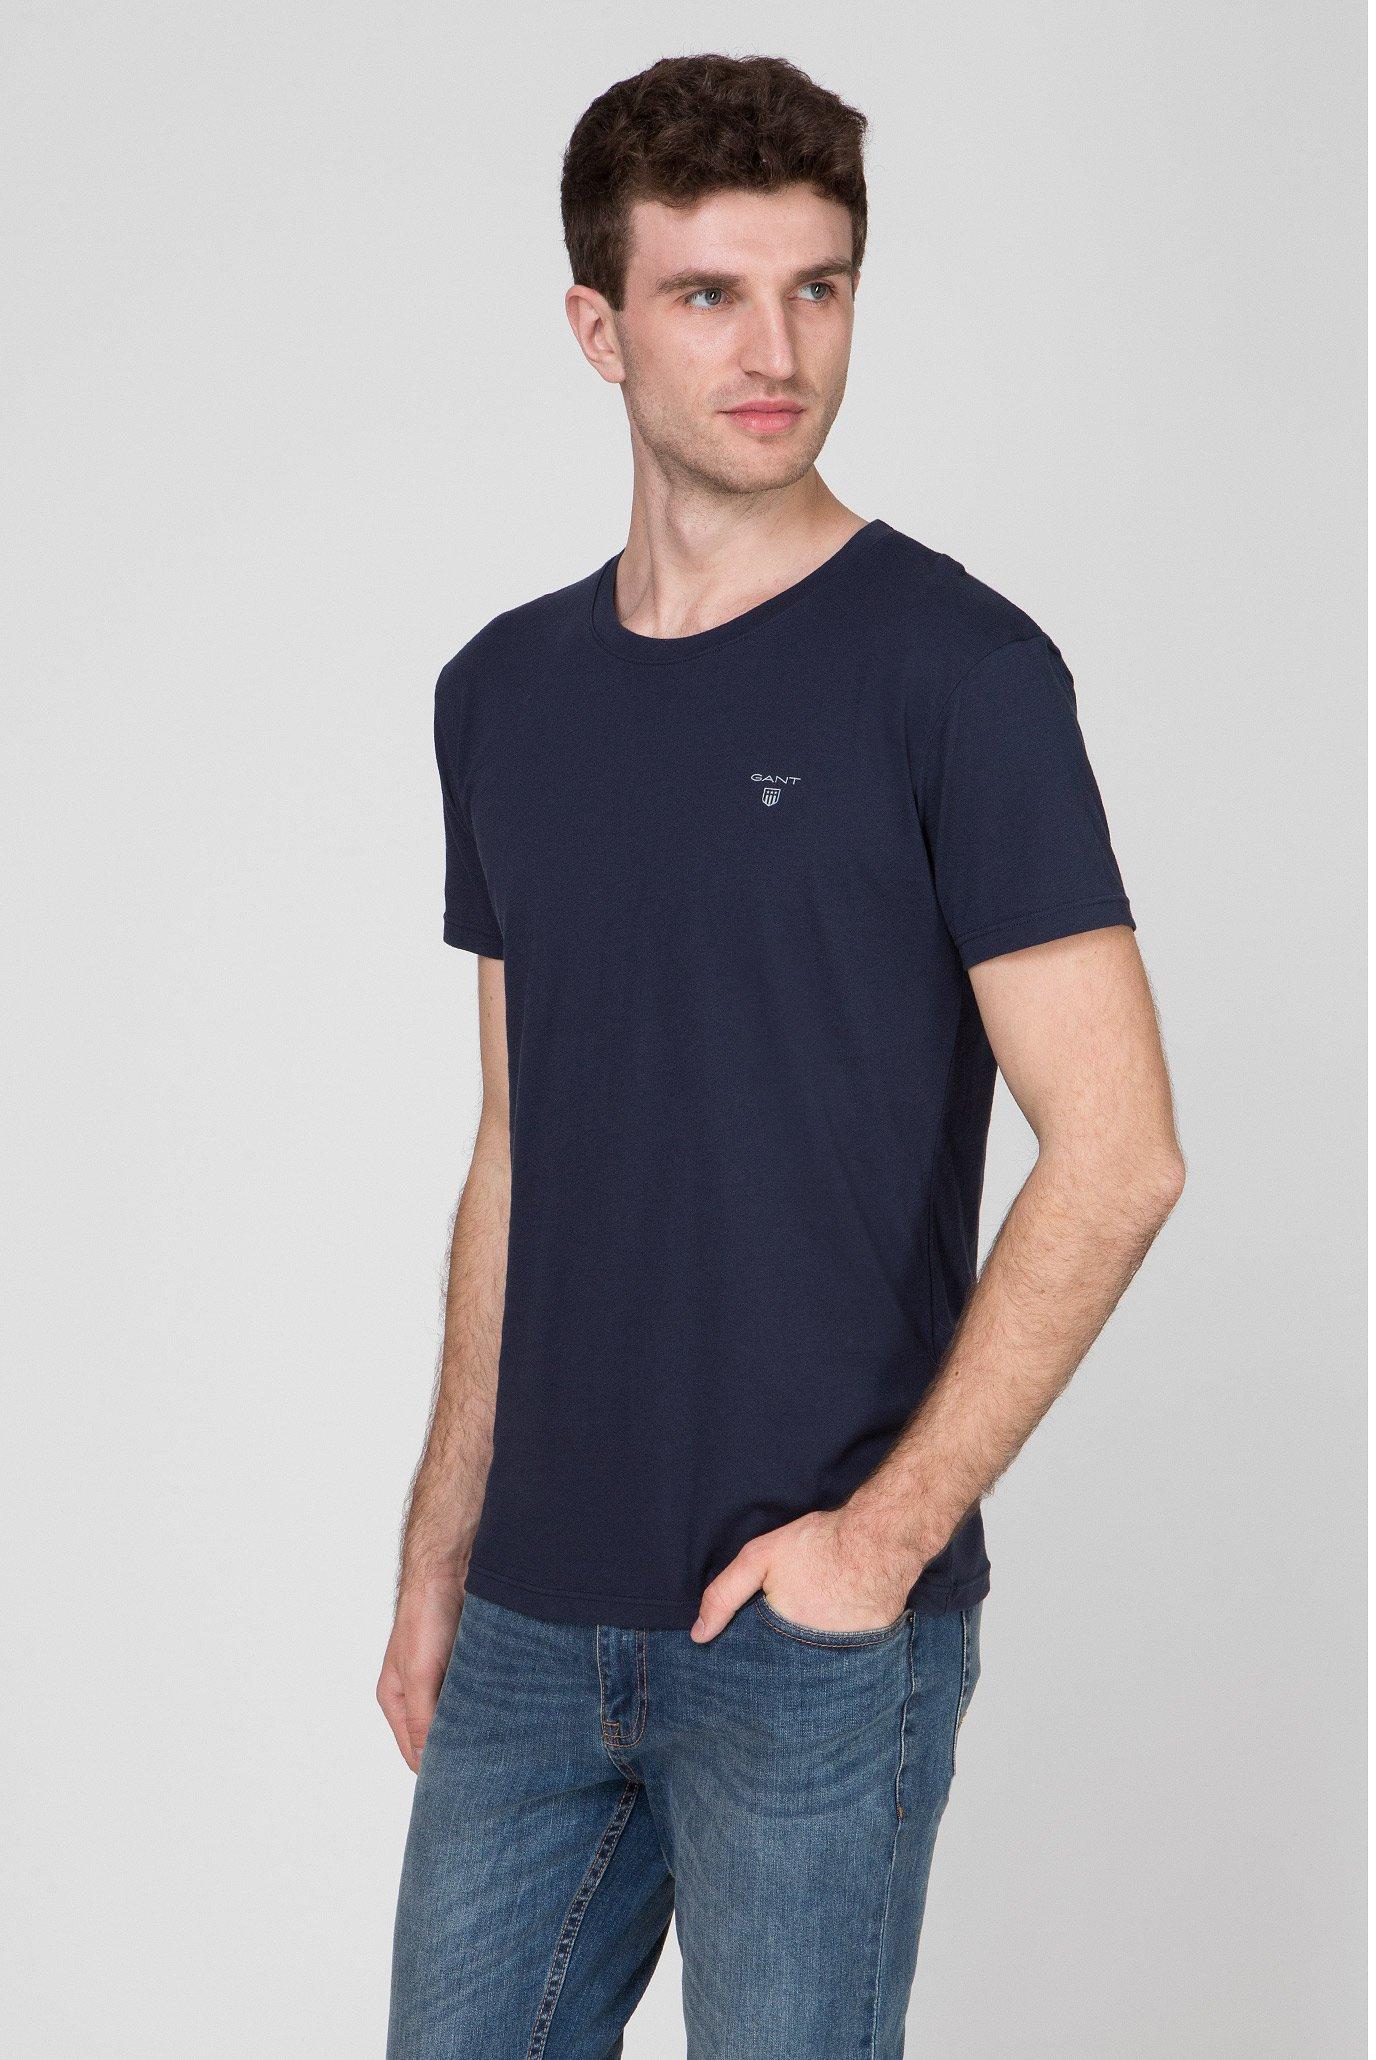 Чоловічі бавовняні футболки BASIC (2 шт) Gant